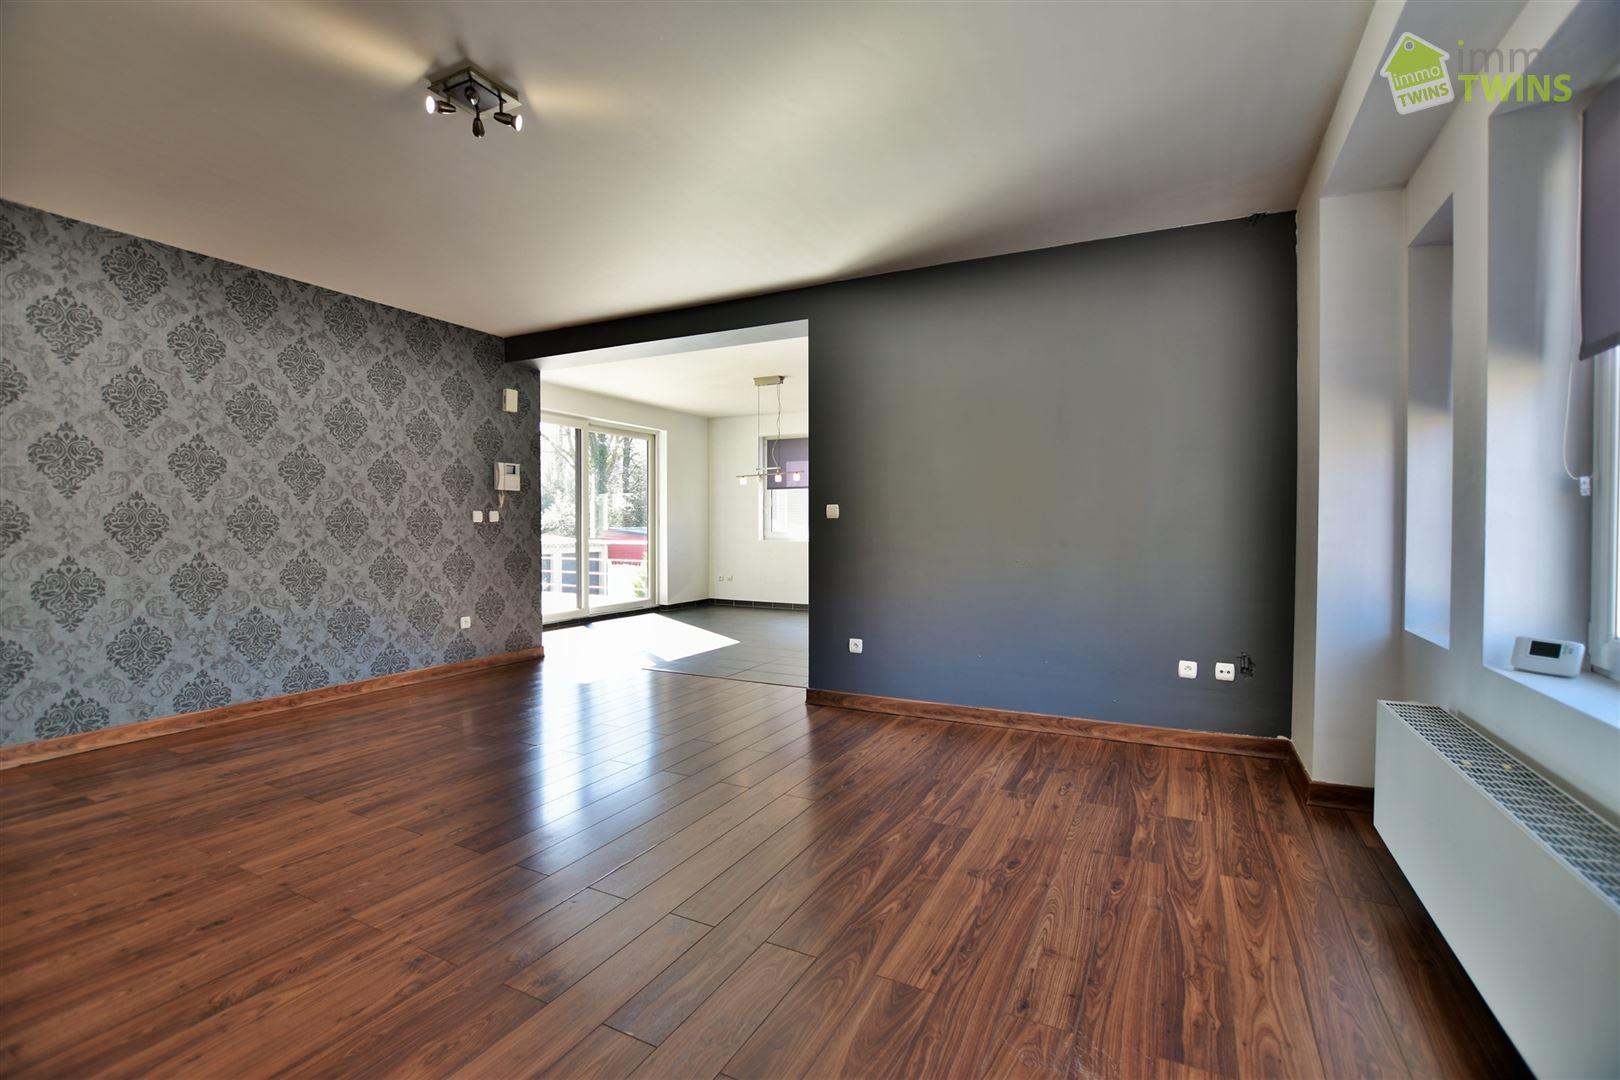 Foto 8 : Appartement te 9200 Sint-Gillis-bij-Dendermonde (België) - Prijs € 219.000